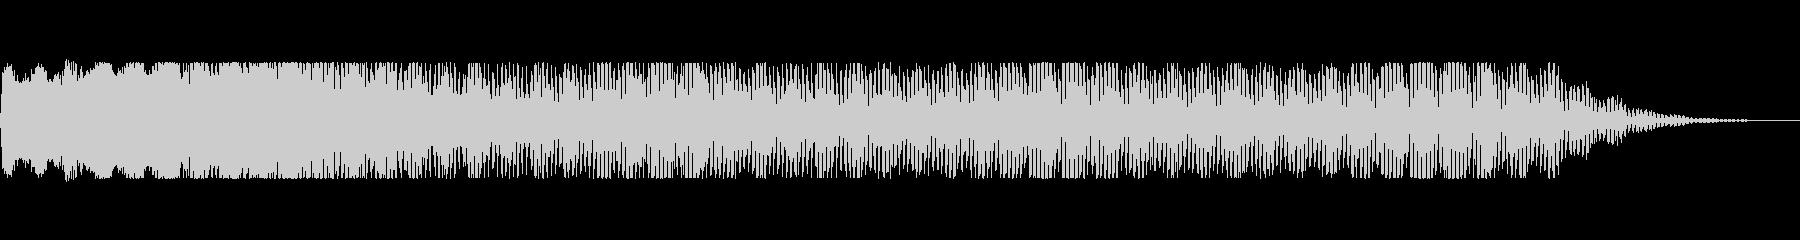 バズドローン2の未再生の波形